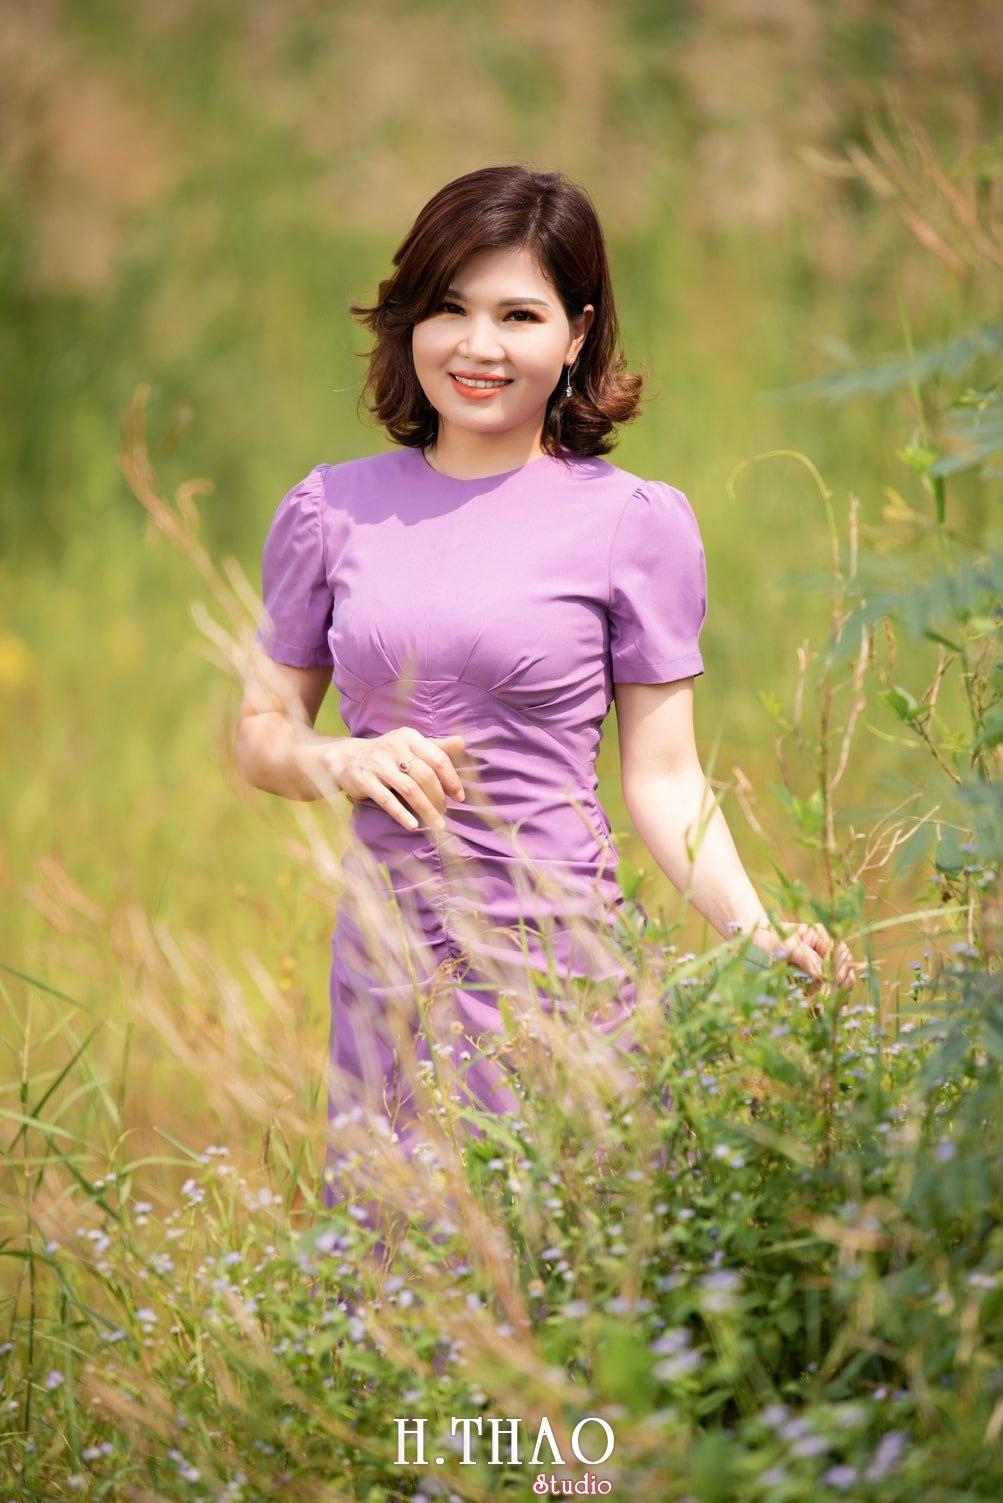 Canh Dong Co Lau 15 - Chụp ảnh với cánh đồng cỏ lau quận 9 tuyệt đẹp - HThao Studio